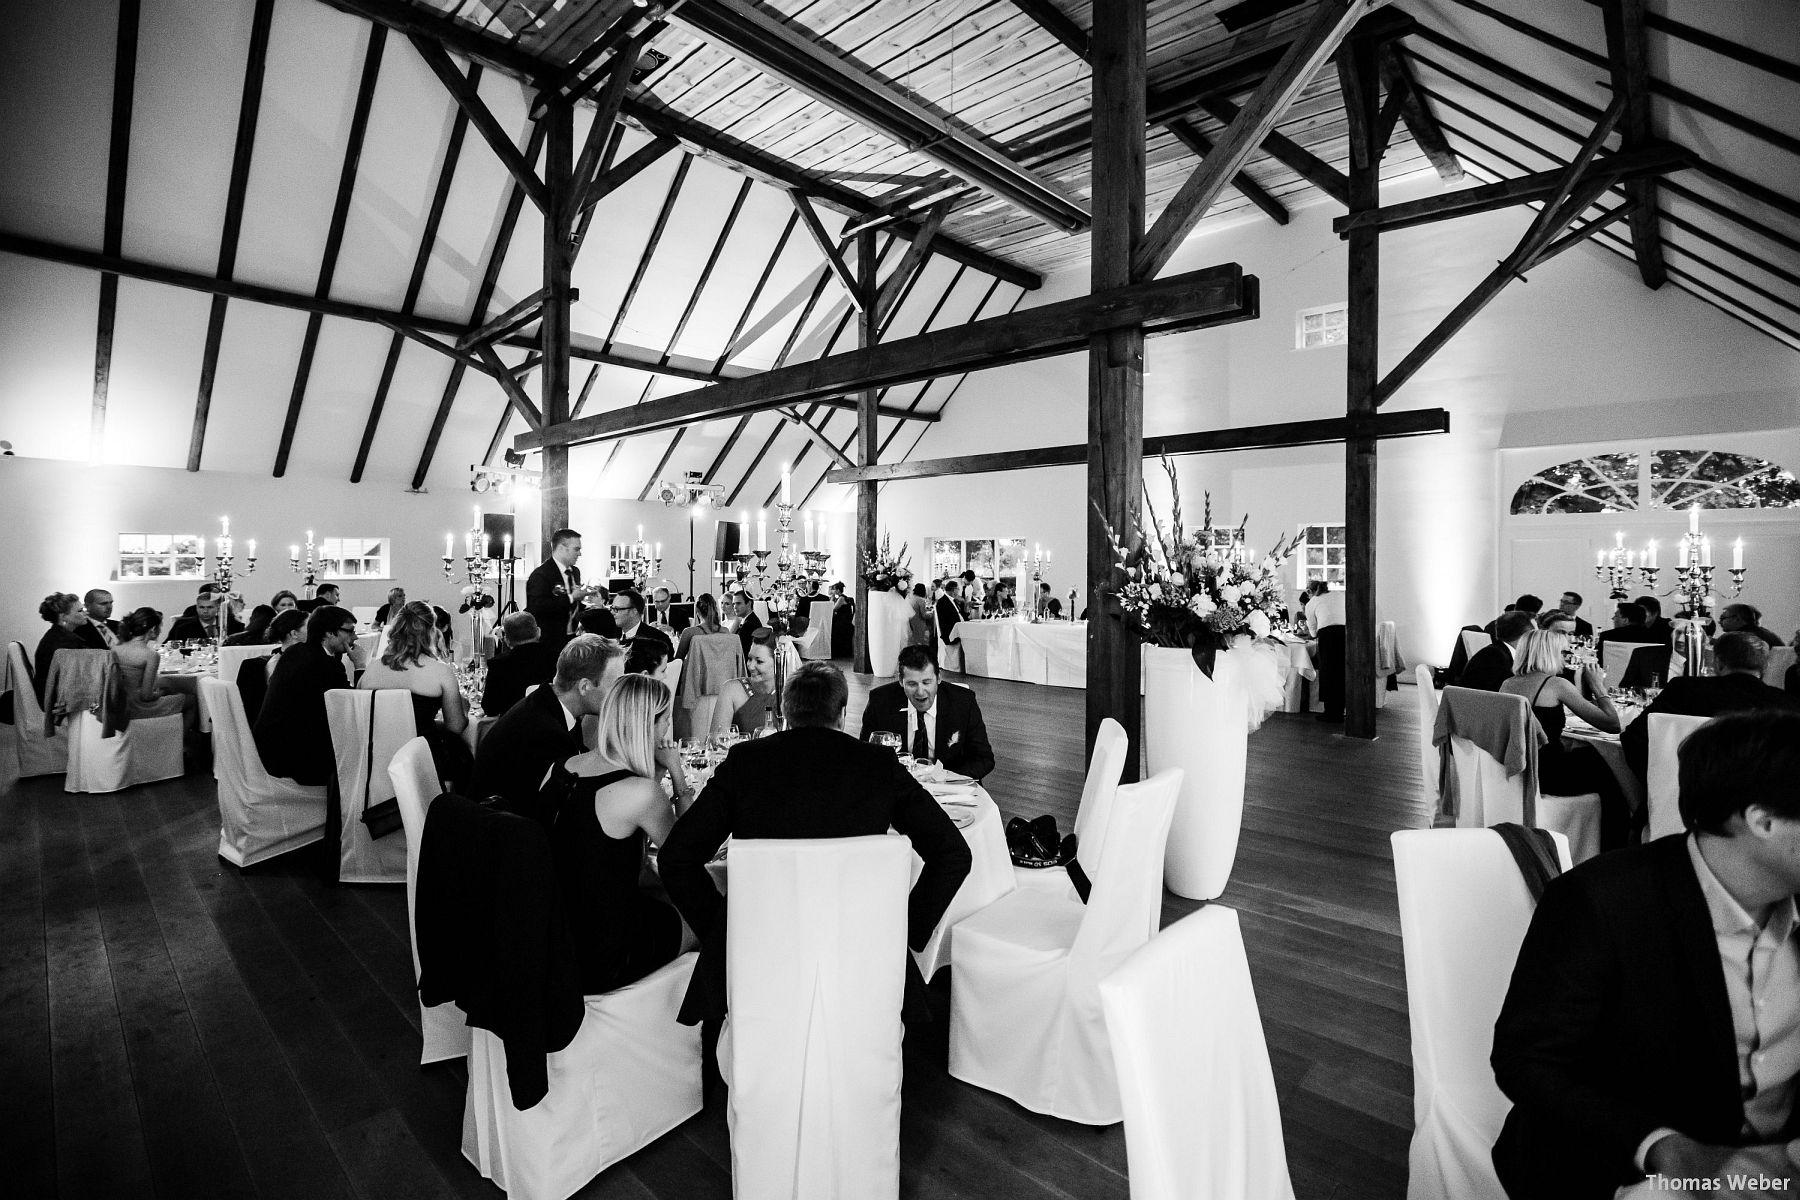 Hochzeitsfotograf Rastede: Kirchliche Trauung in der St. Ulrichs Kirche Rastede und Hochzeitsfeier in der Eventscheune St Georg Rastede mit dem Catering von Split Food (Michael Niebuhr) aus Oldenburg (7)